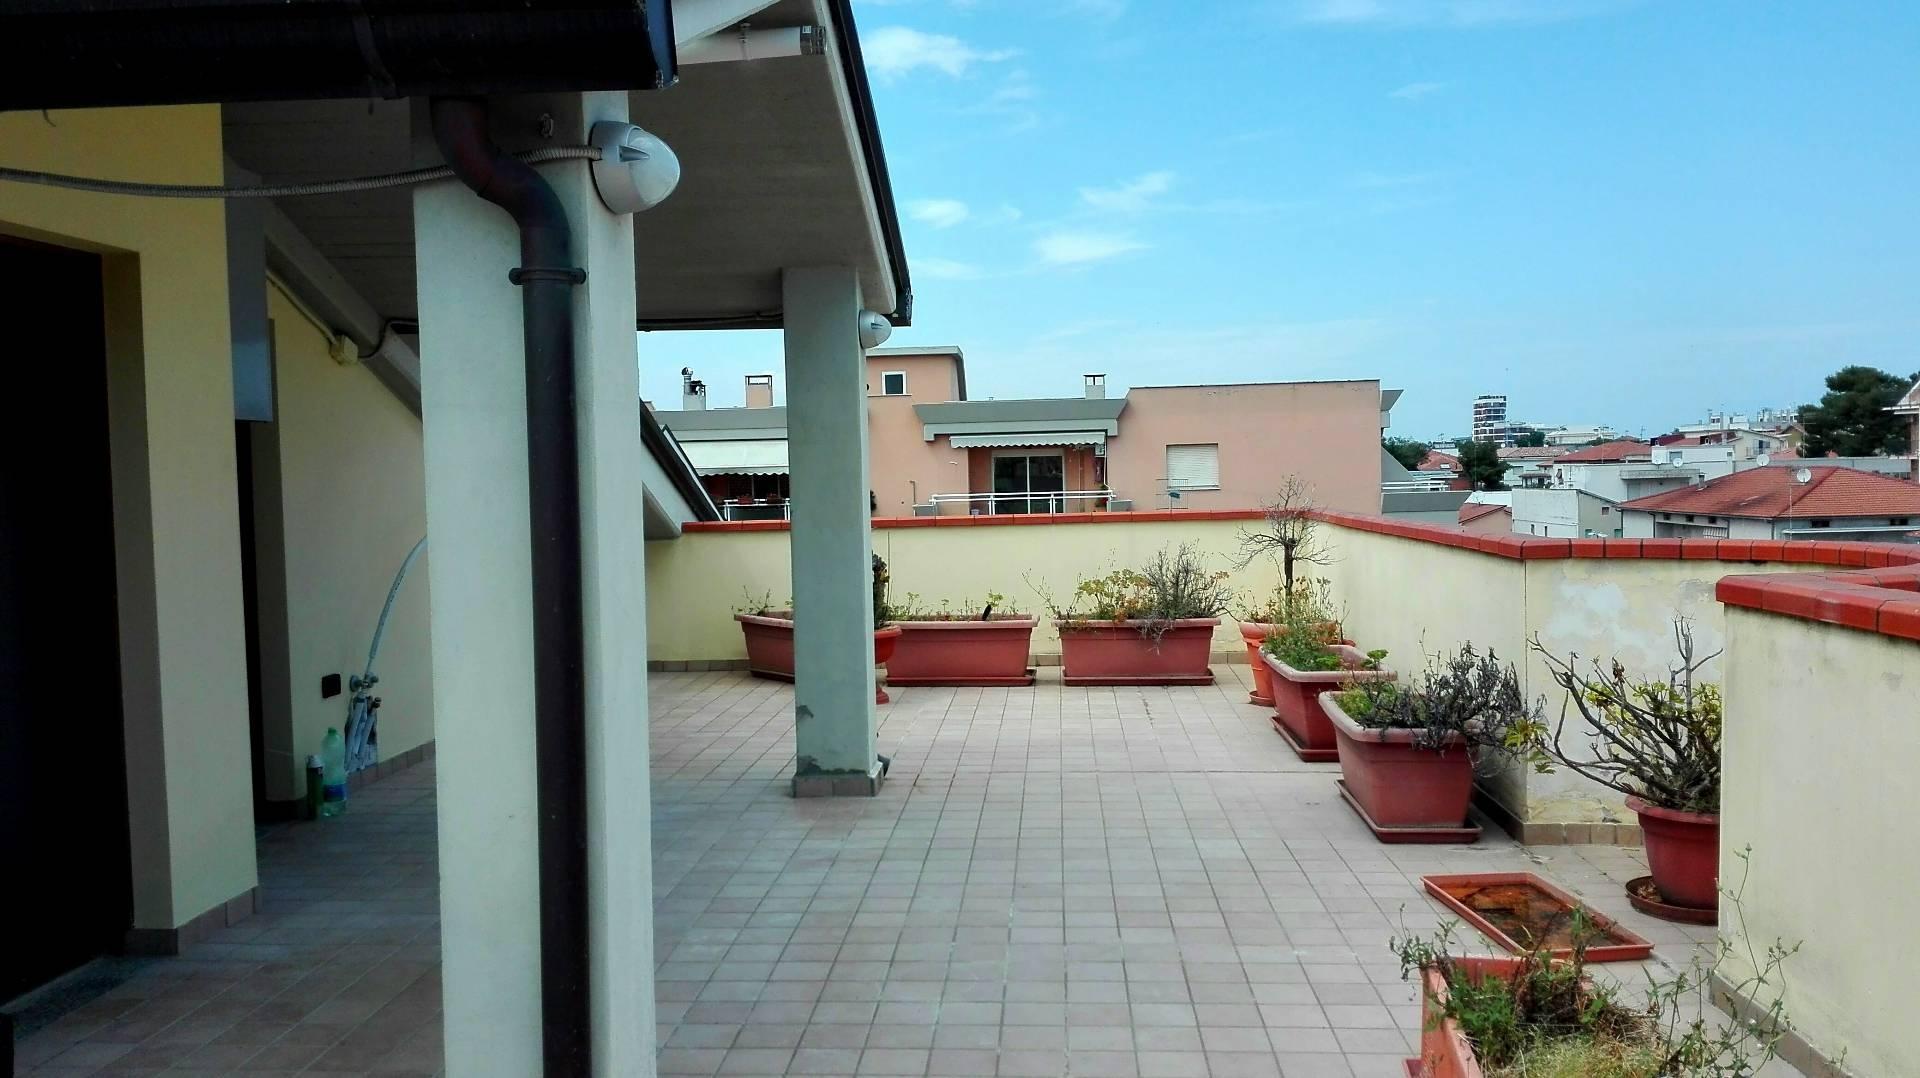 Attico / Mansarda in vendita a Giulianova, 5 locali, zona Località: LIDOCENTRO, prezzo € 150.000   PortaleAgenzieImmobiliari.it